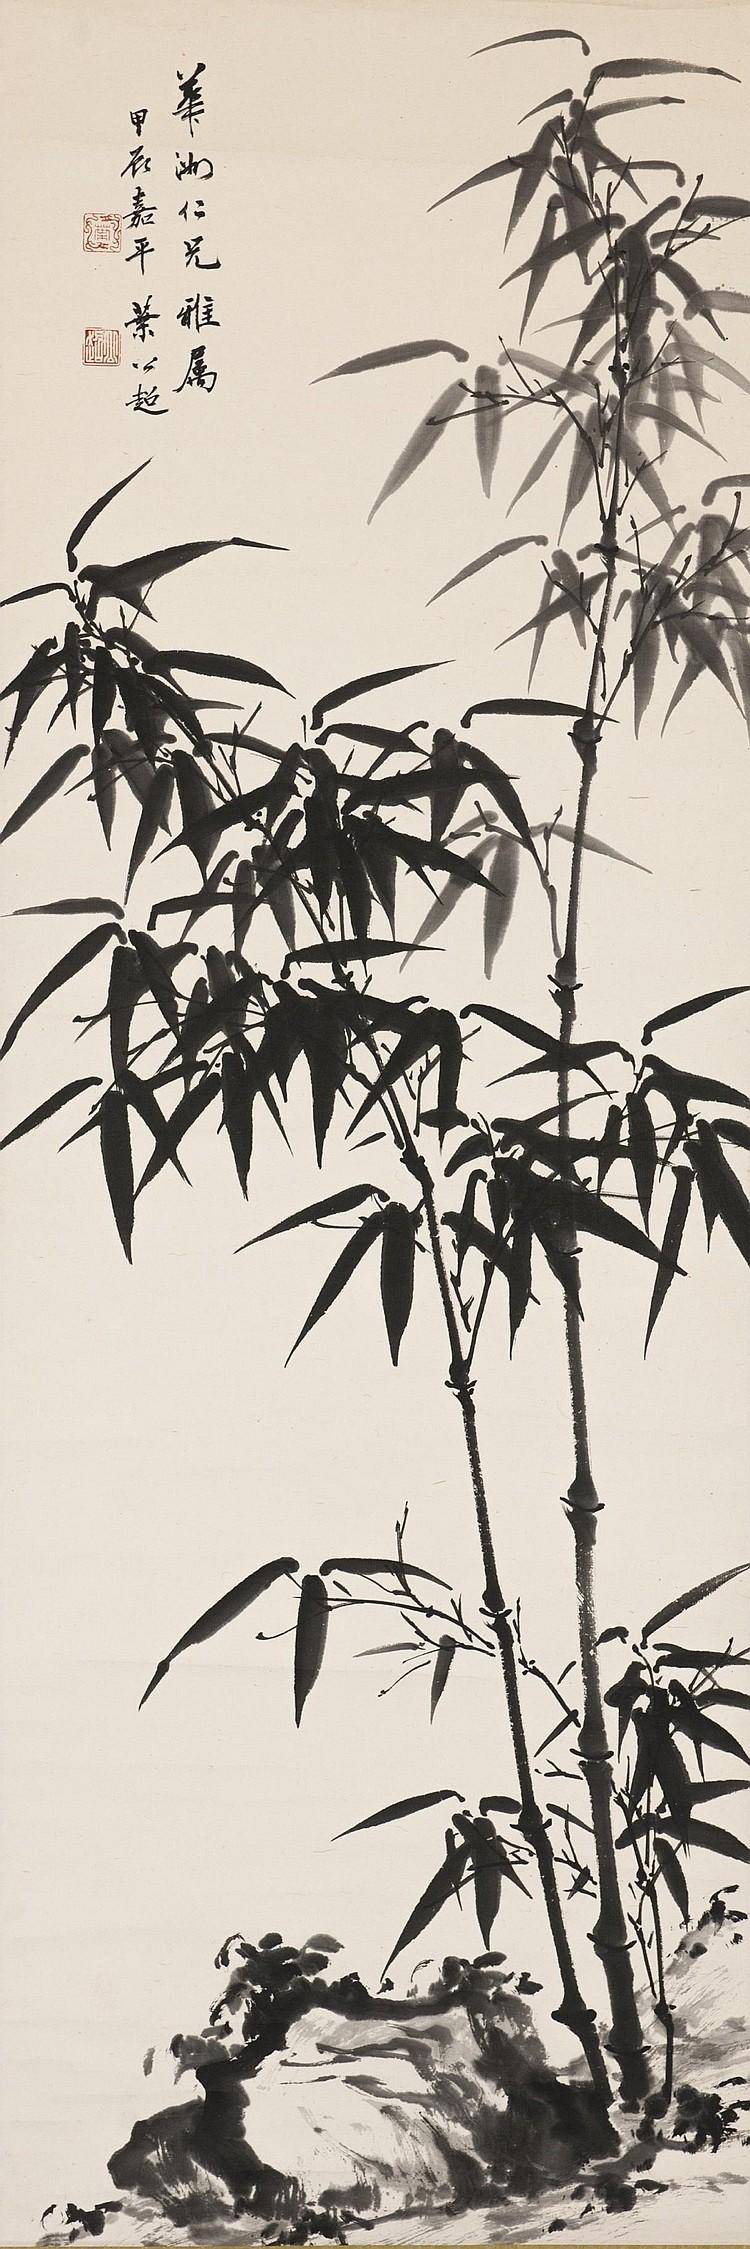 Ye GongChao (1904-1981) Bamboo and rock